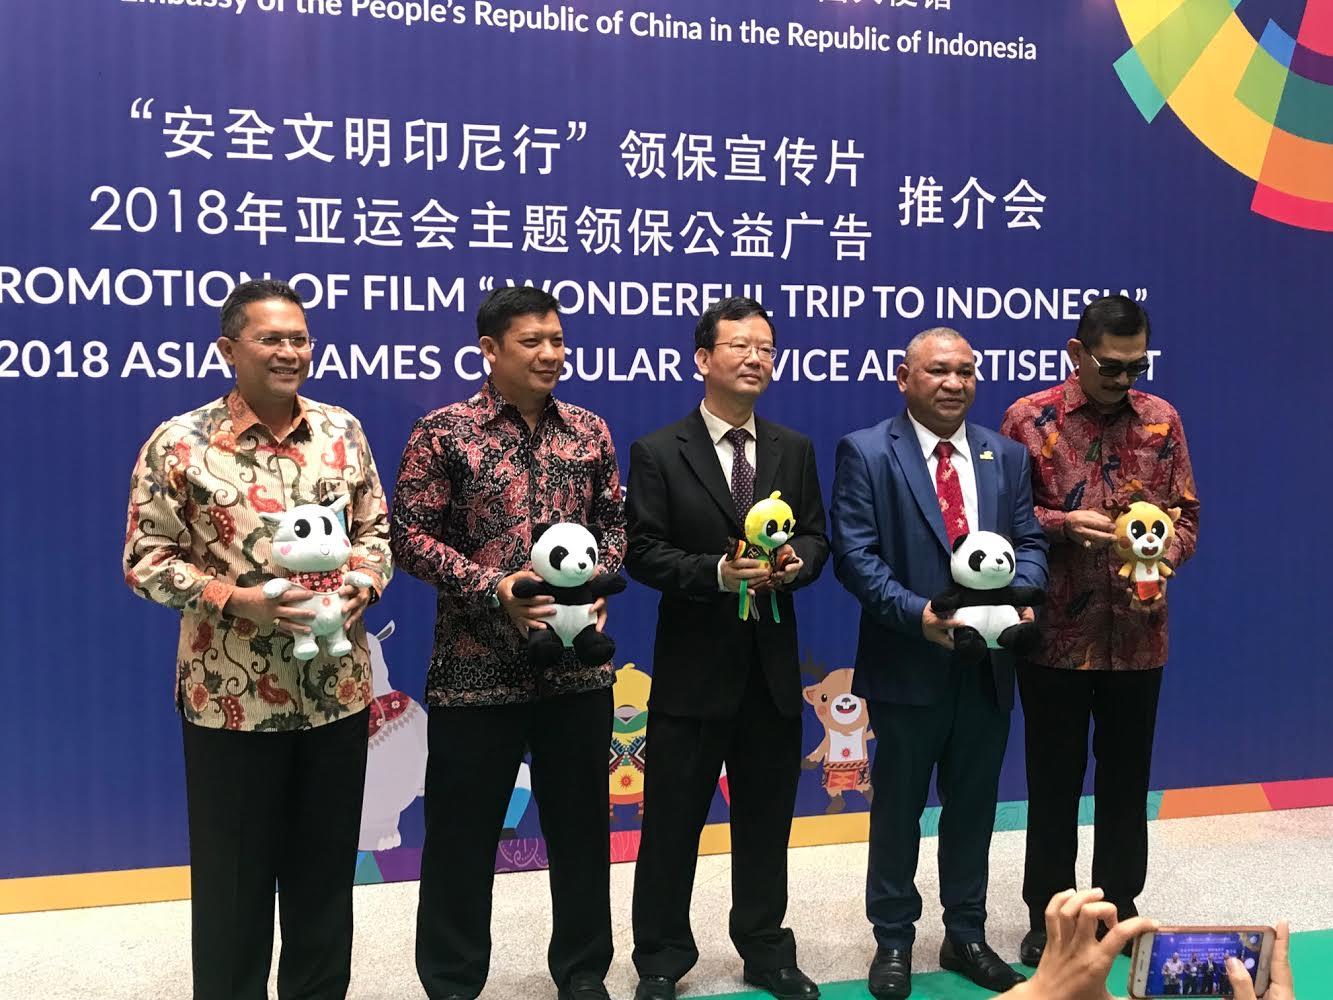 Jelang Asian Games, Tiongkok Manfaatkan Informasi Konsuler melalui Animasi